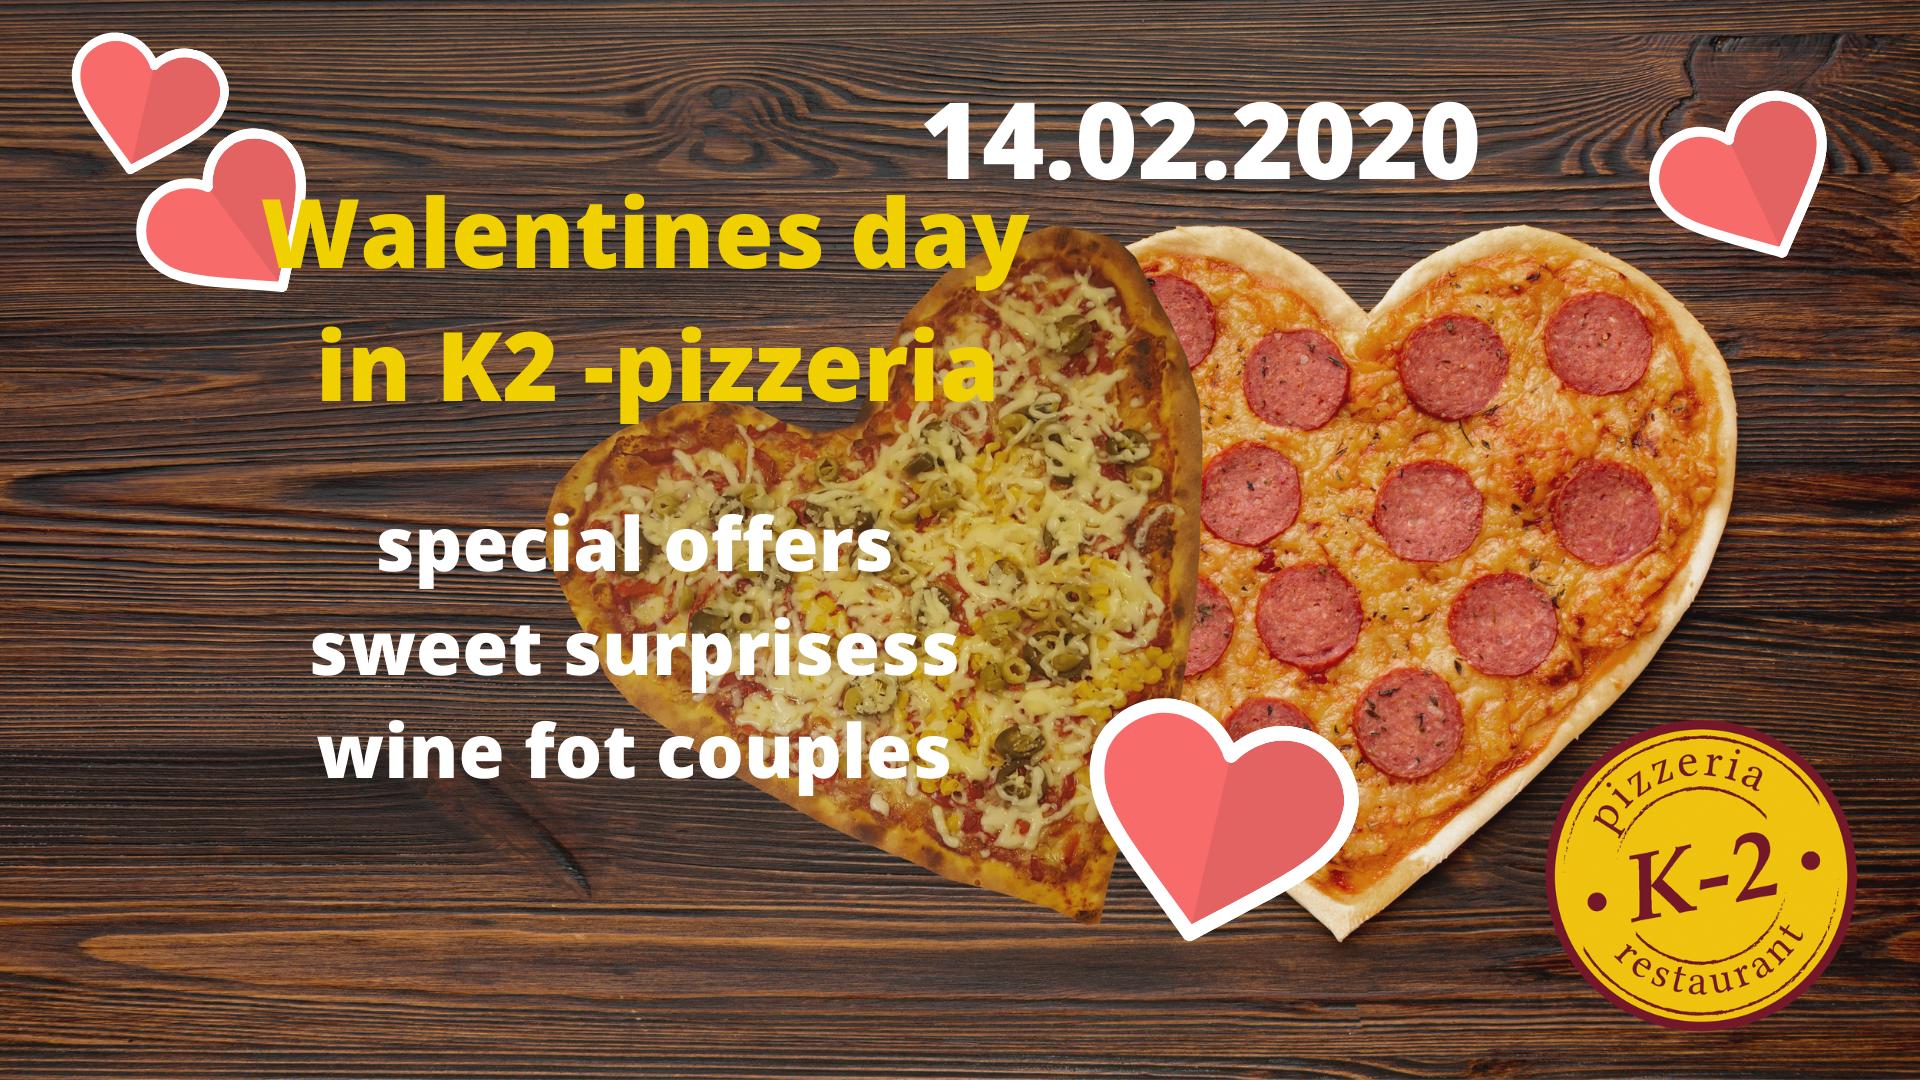 Valentine's Day in K2